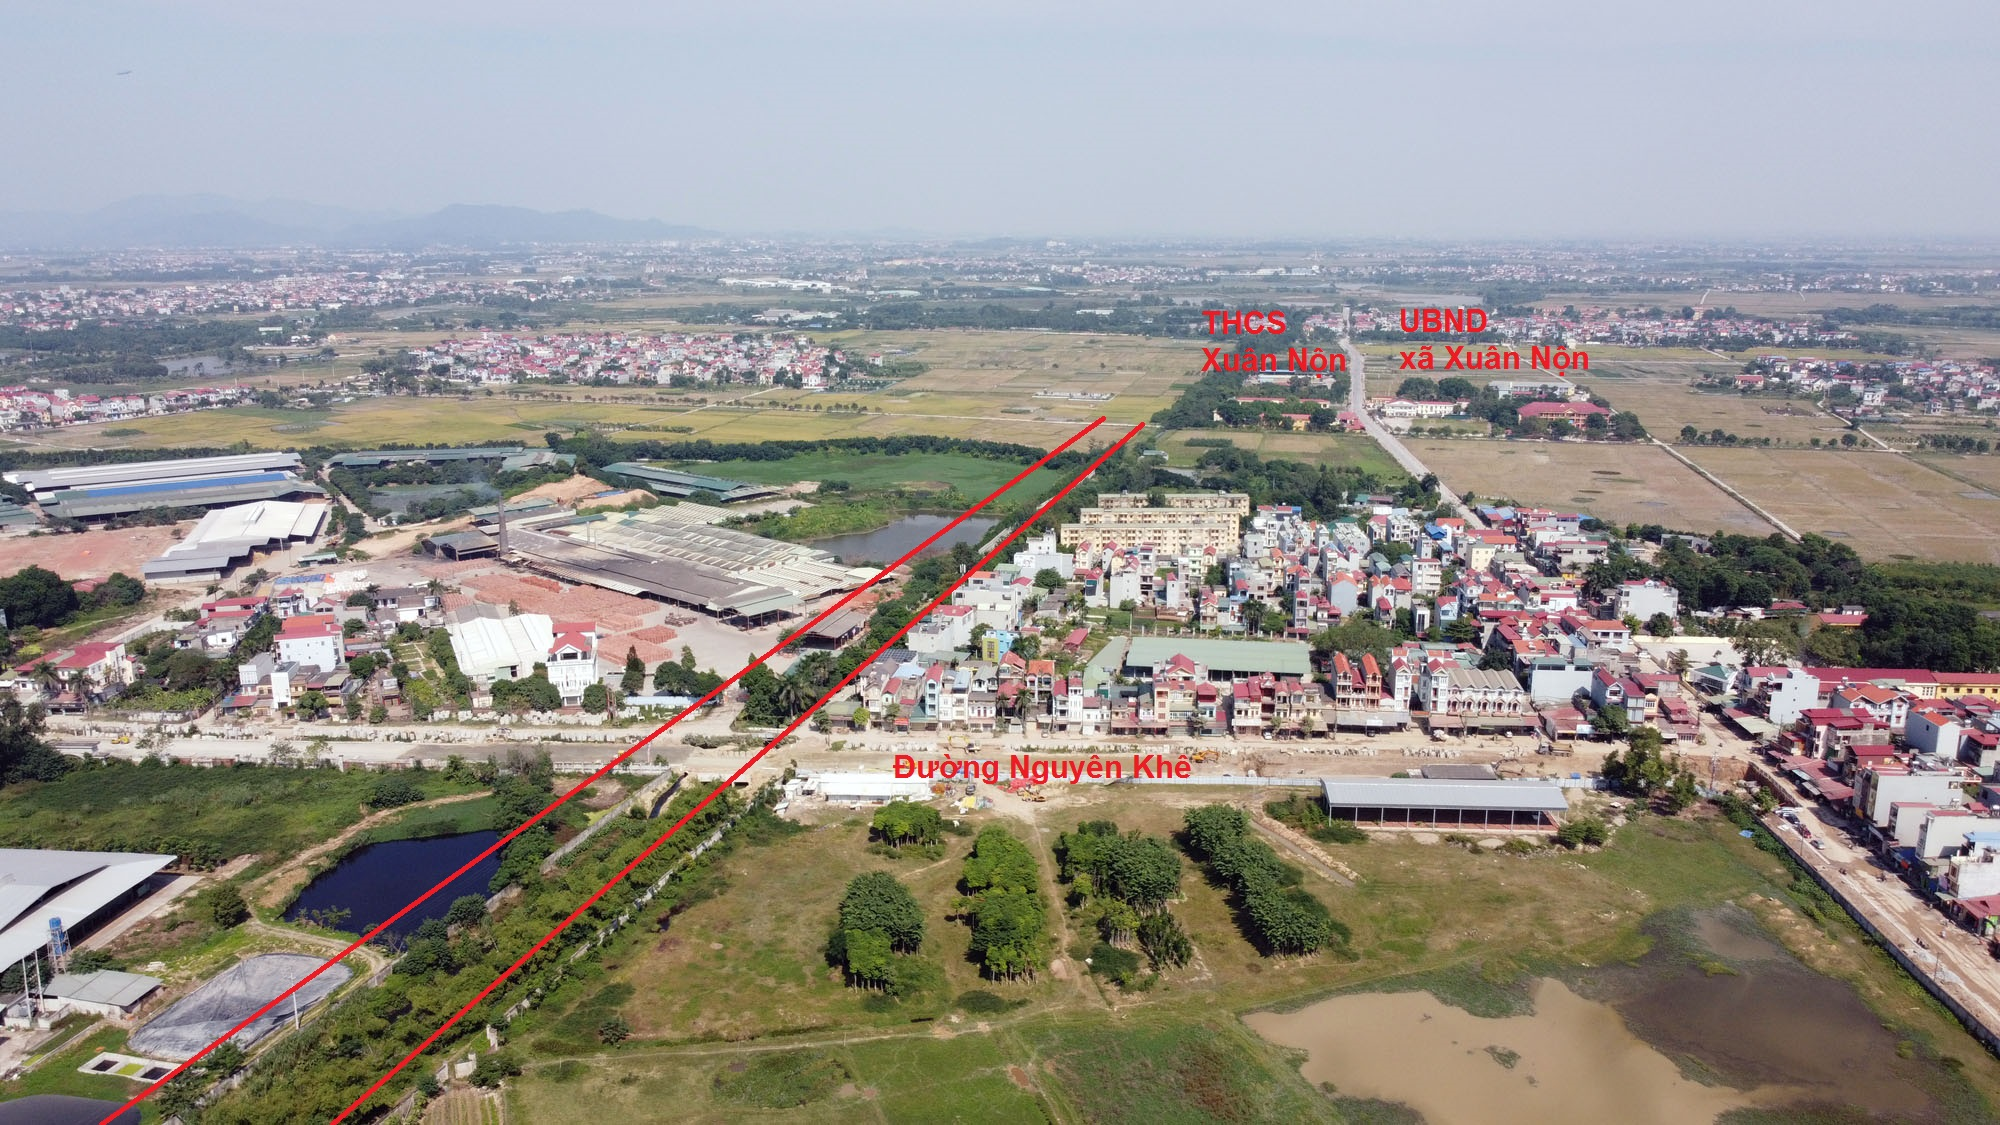 Ba đường sẽ mở theo qui hoạch ở xã Xuân Nộn, Đông Anh, Hà Nội - Ảnh 8.